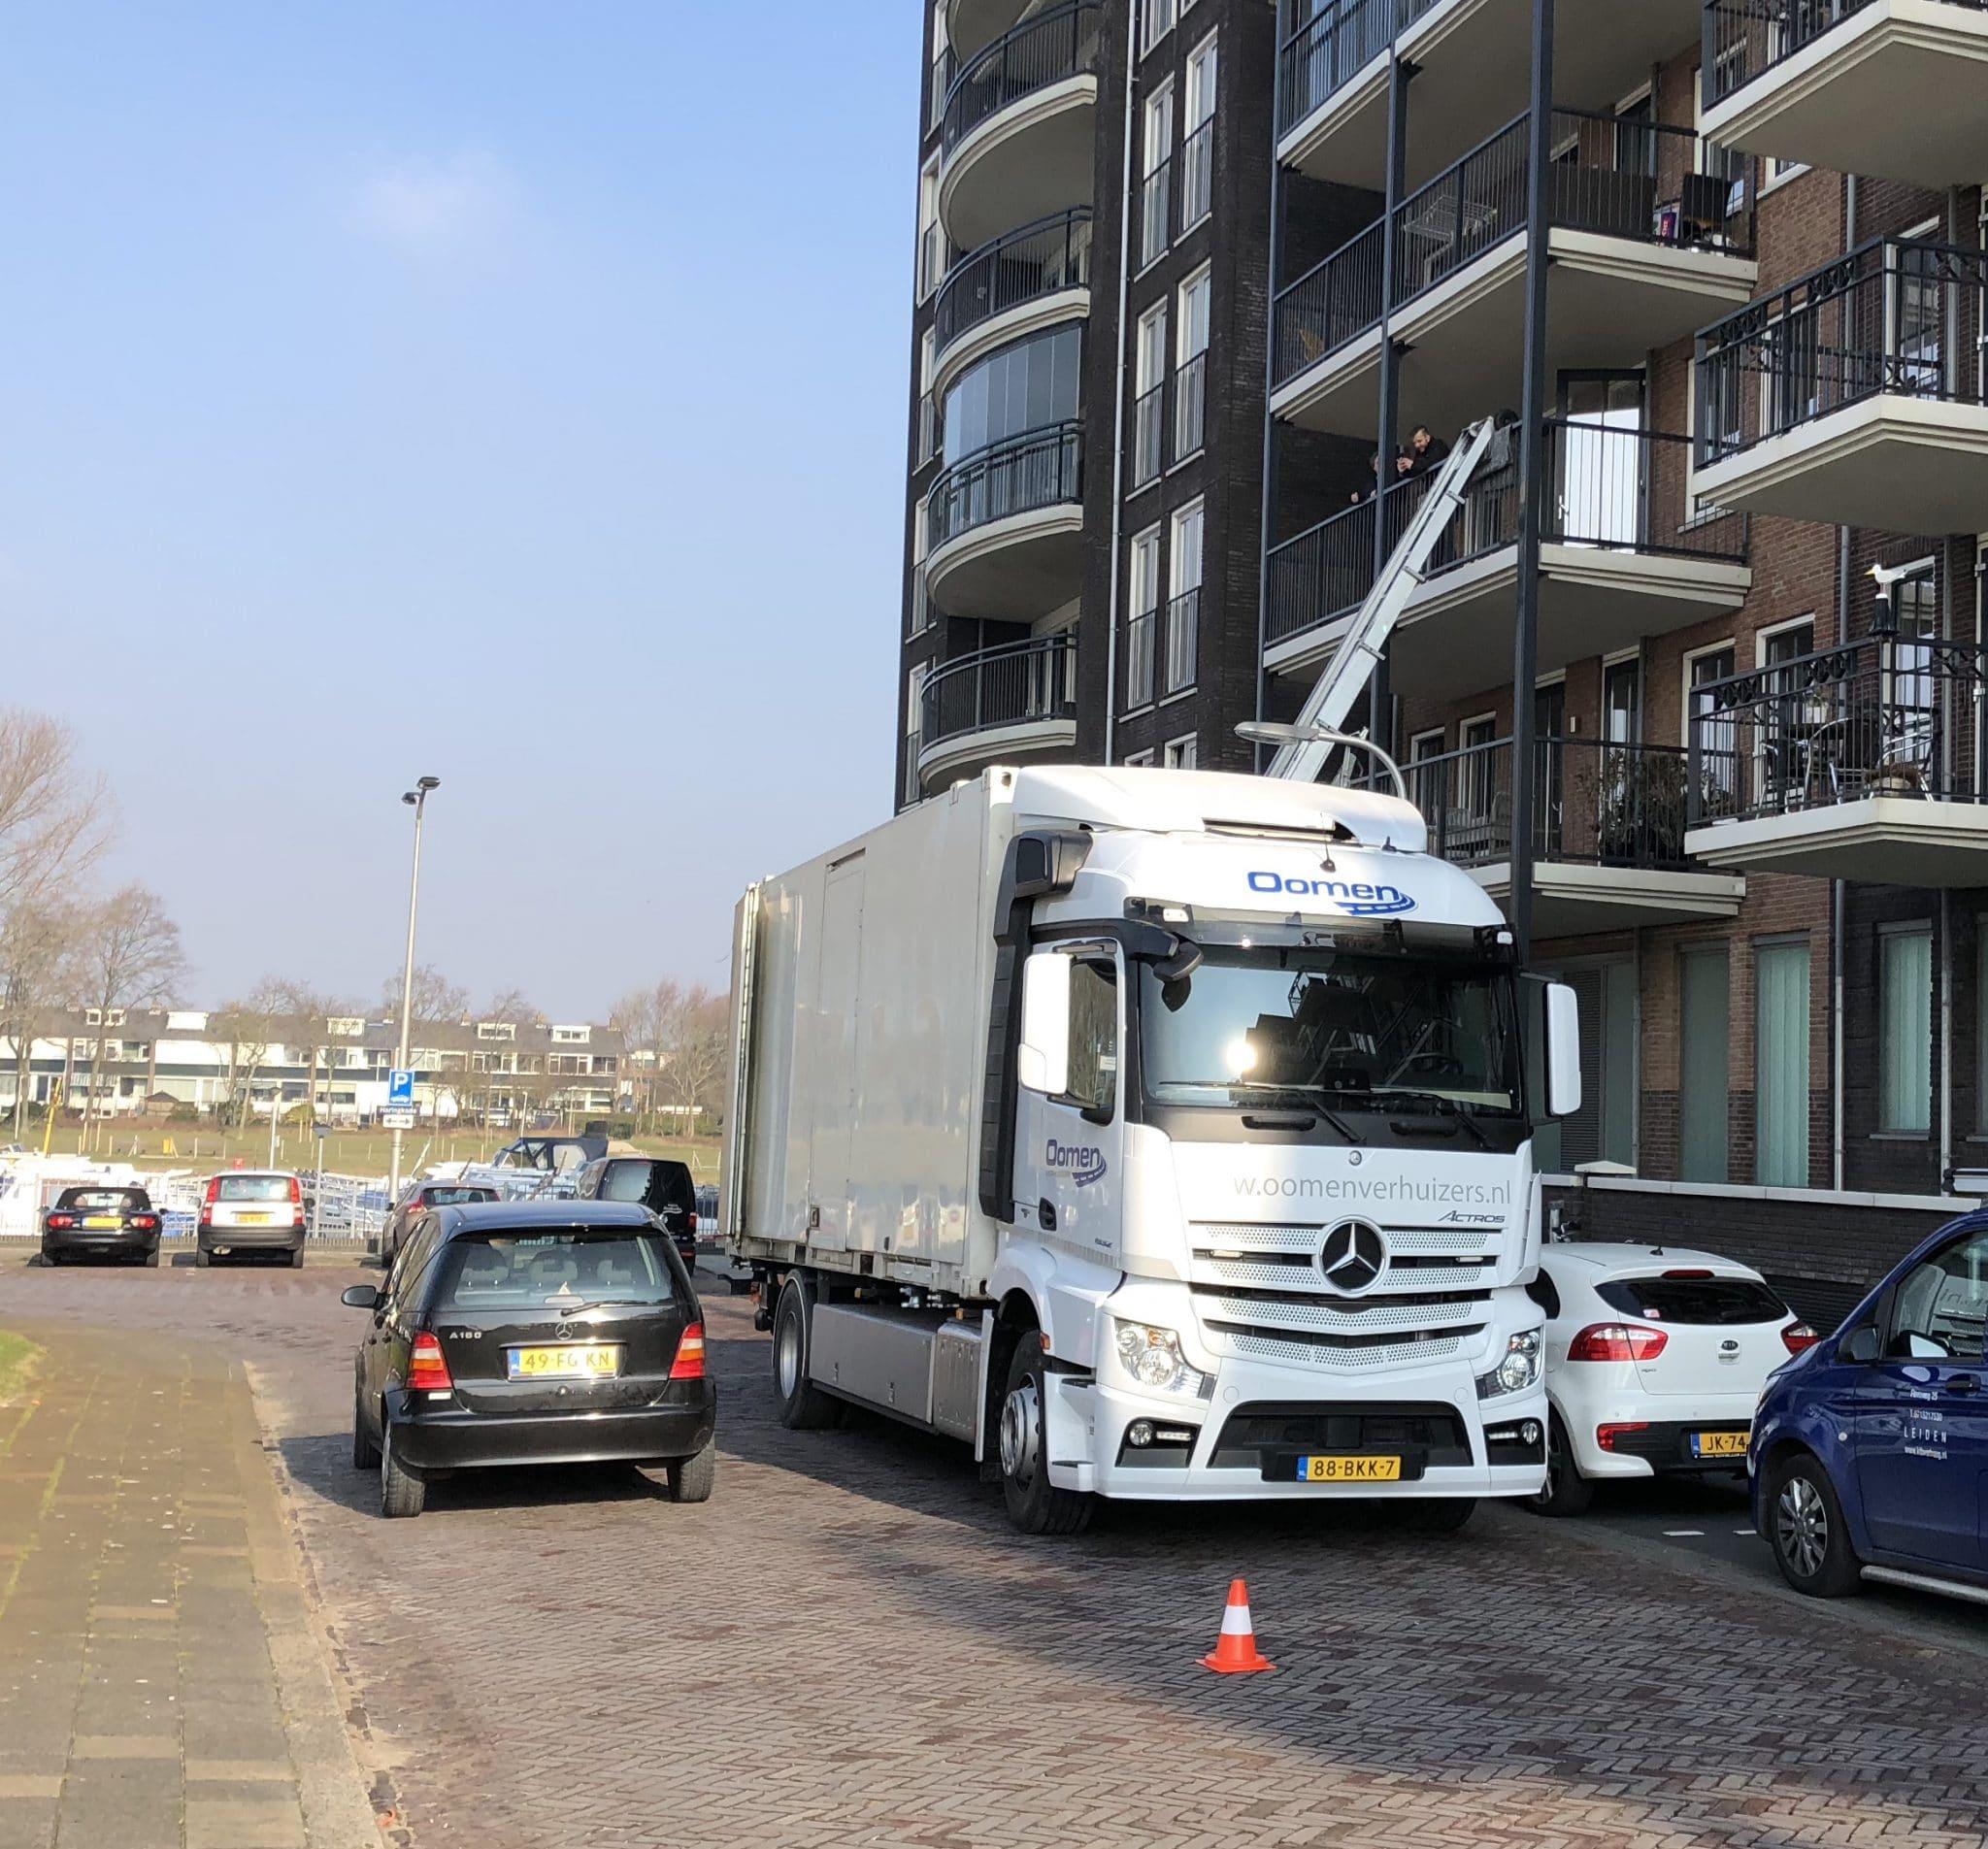 Bomschuitstraat Katwijk